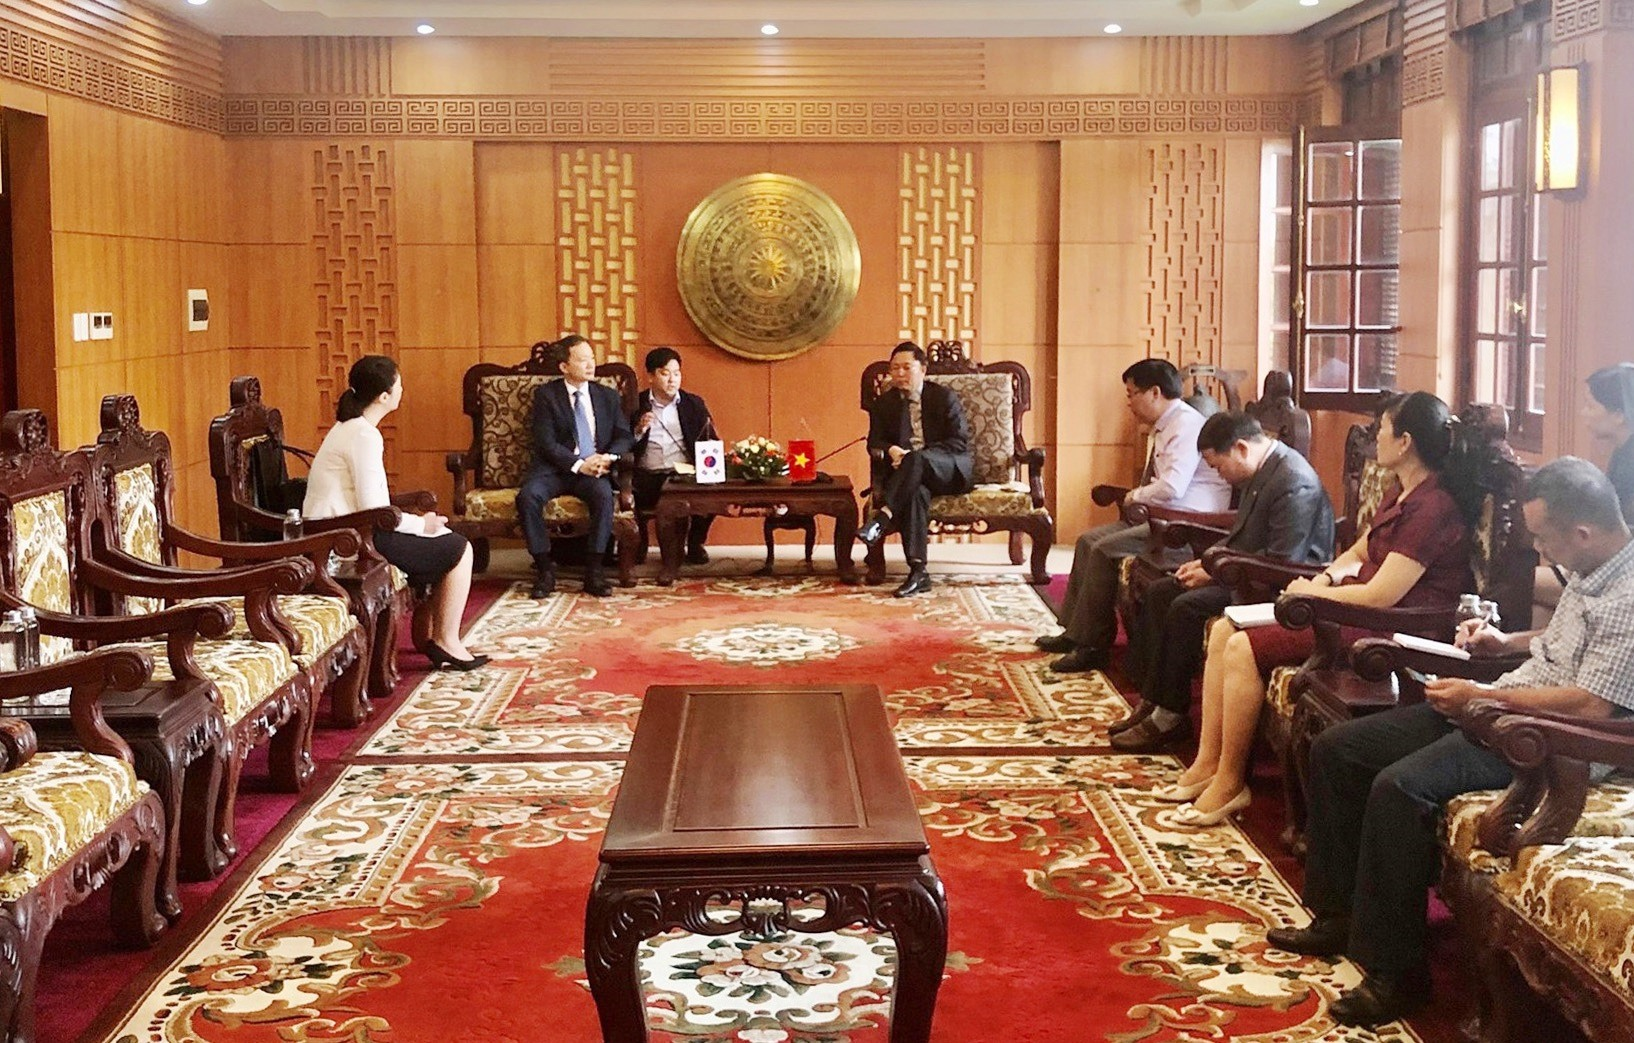 Hai bên kỳ vọng sẽ tiếp tục có nhiều bước tiến mới trong quan hệ hữu nghị giữa Quảng Nam và các địa phương của Hàn Quốc